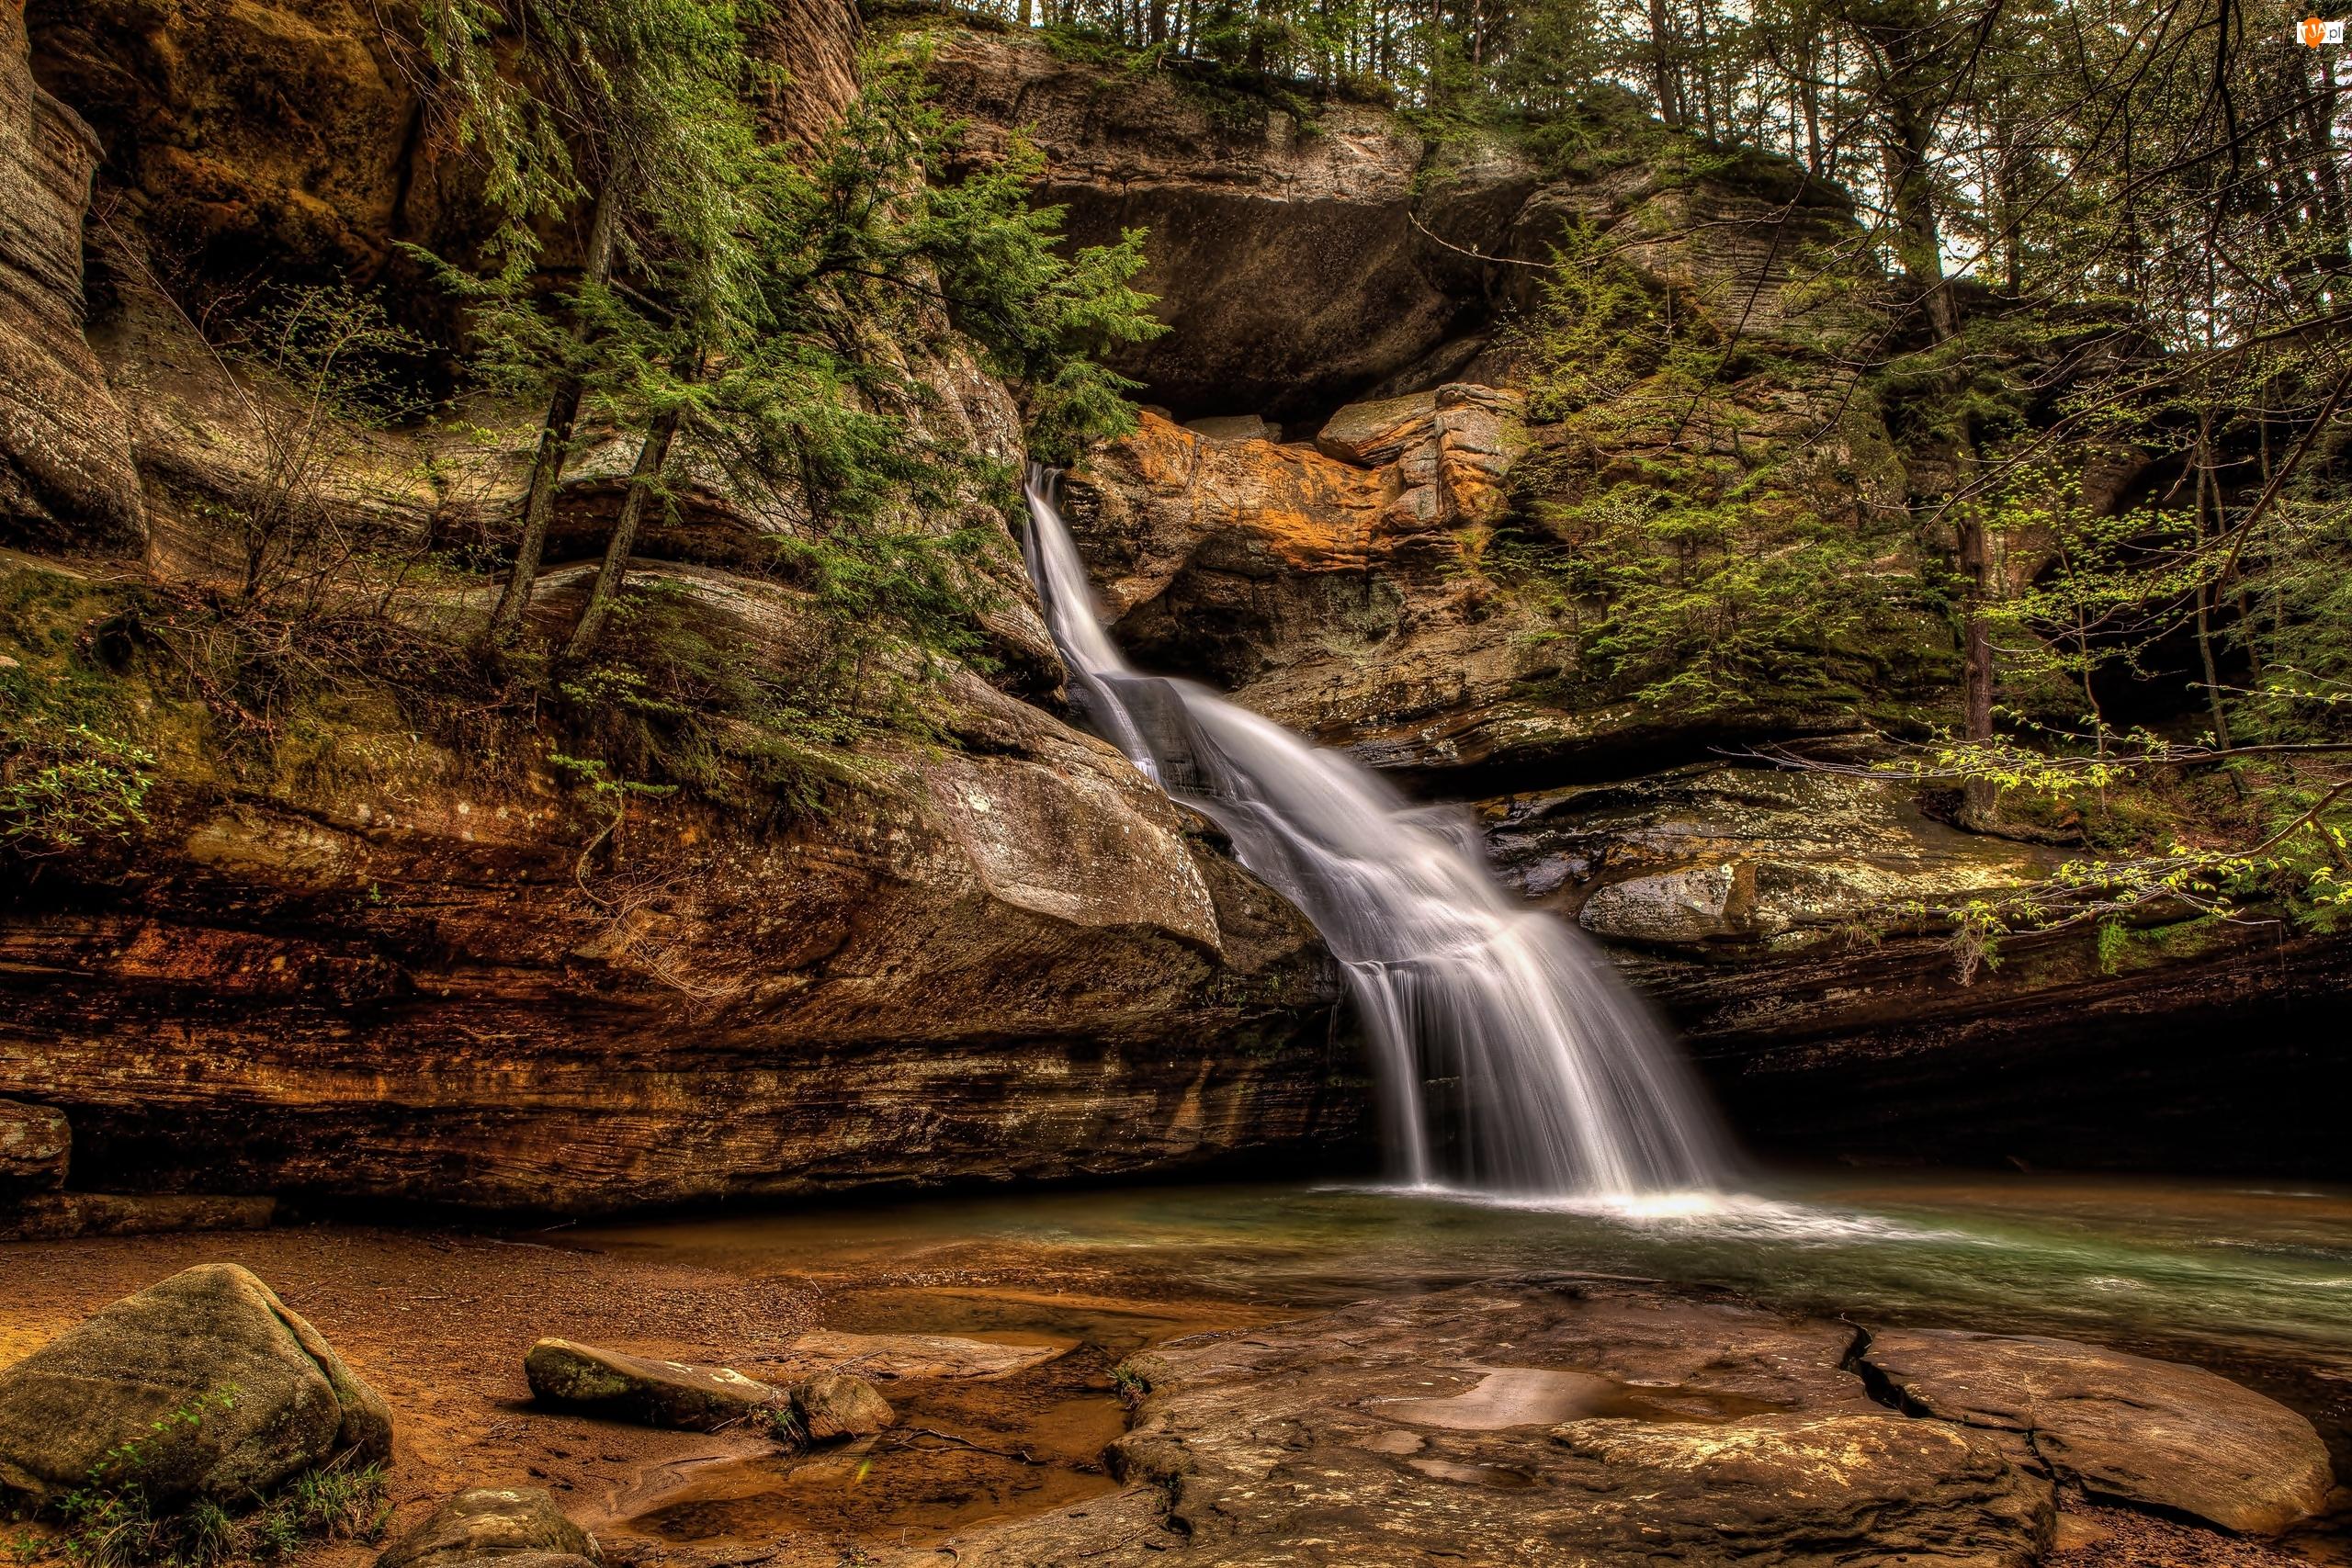 Skały, Stany Zjednoczone, Park stanowy Hocking Hills, Stan Ohio, Wodospad Cedar Falls